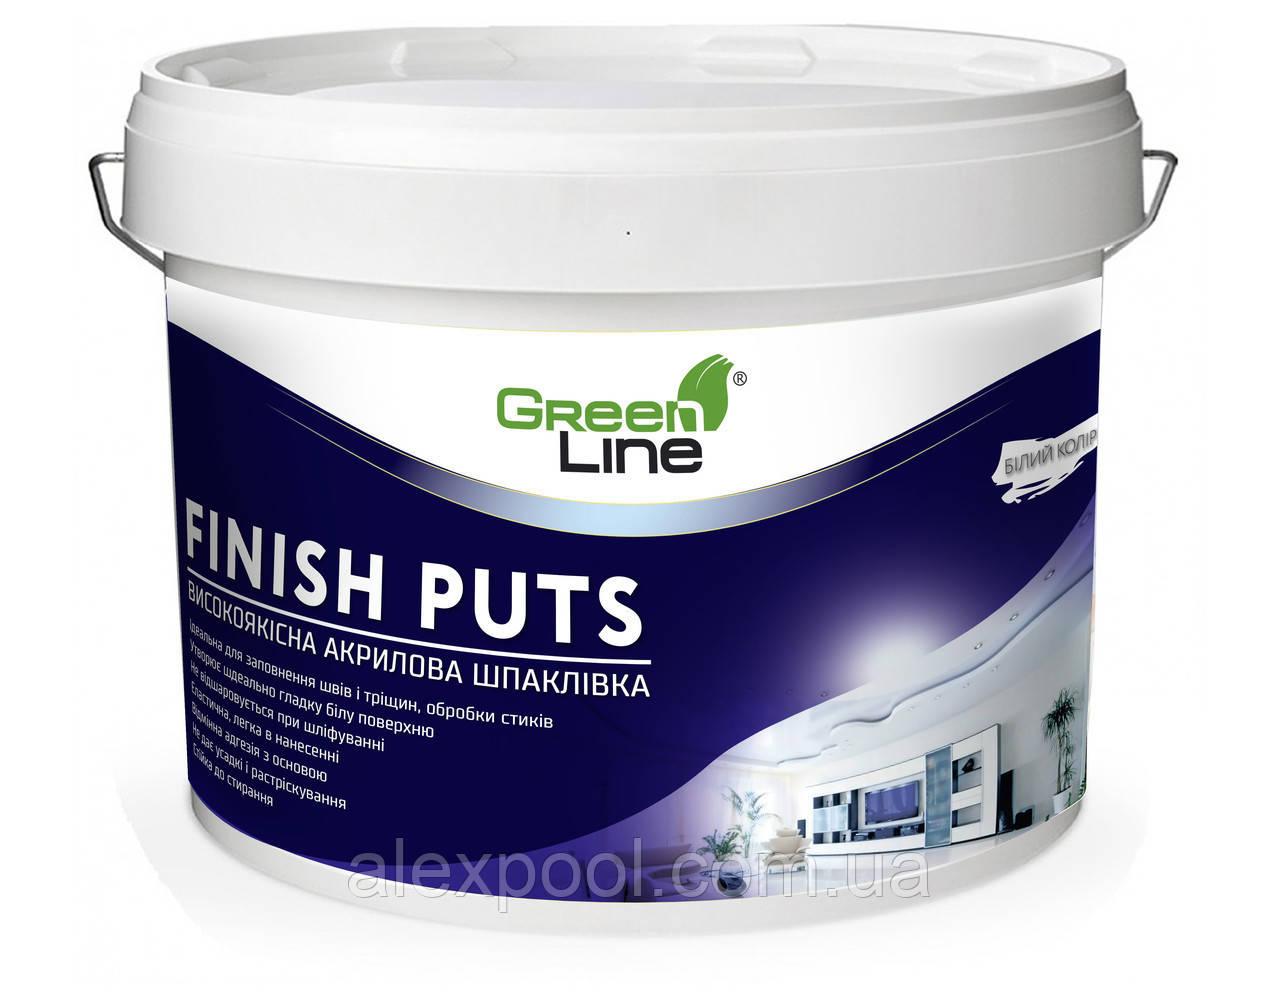 Финишная акриловая шпаклевка TM Green Line FINISH PUTS 20 л